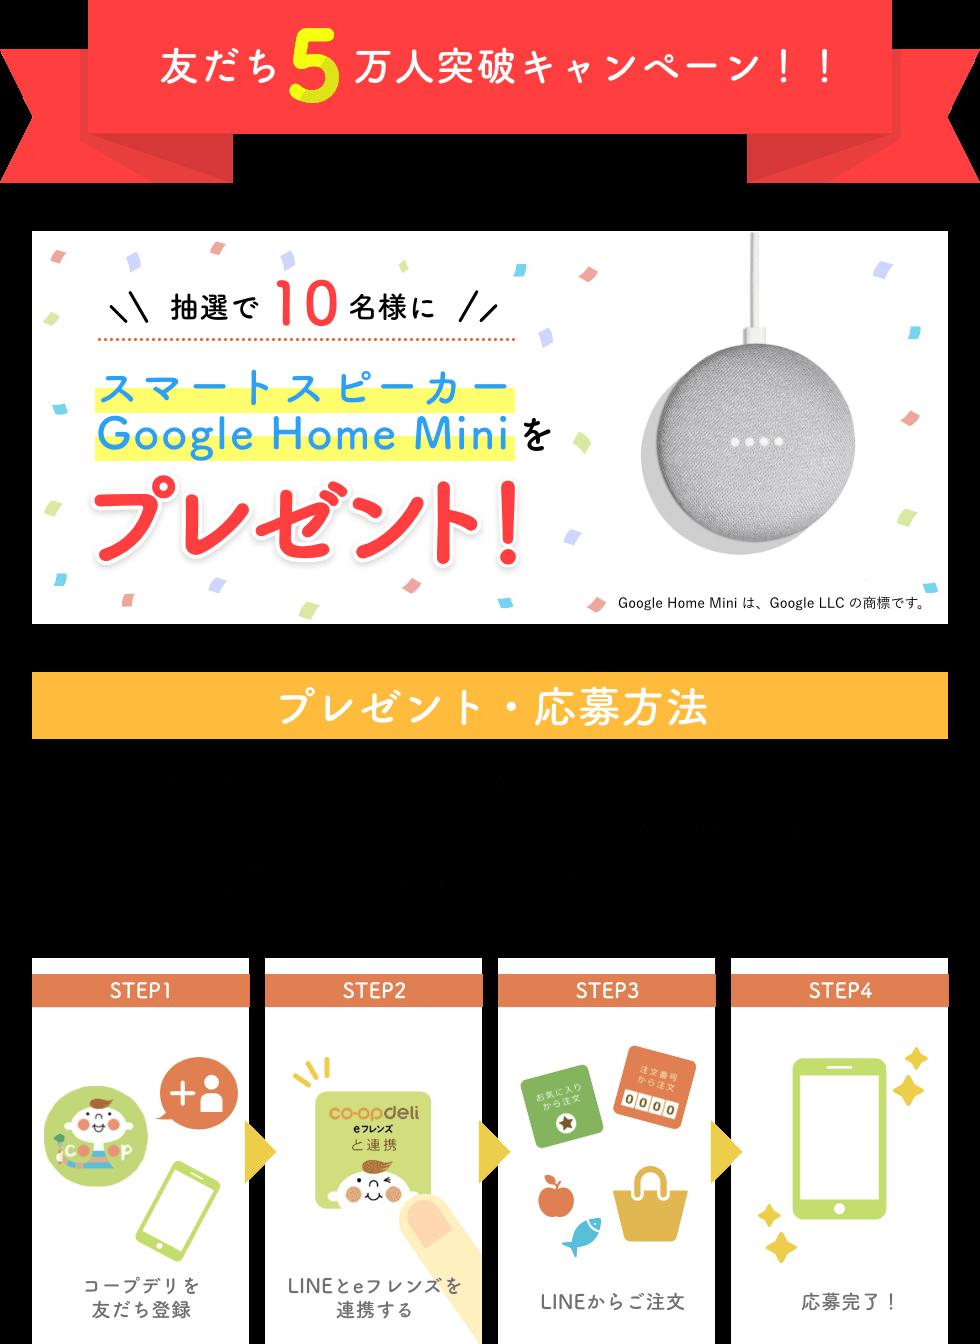 友だち5万人突破キャンペーン!!